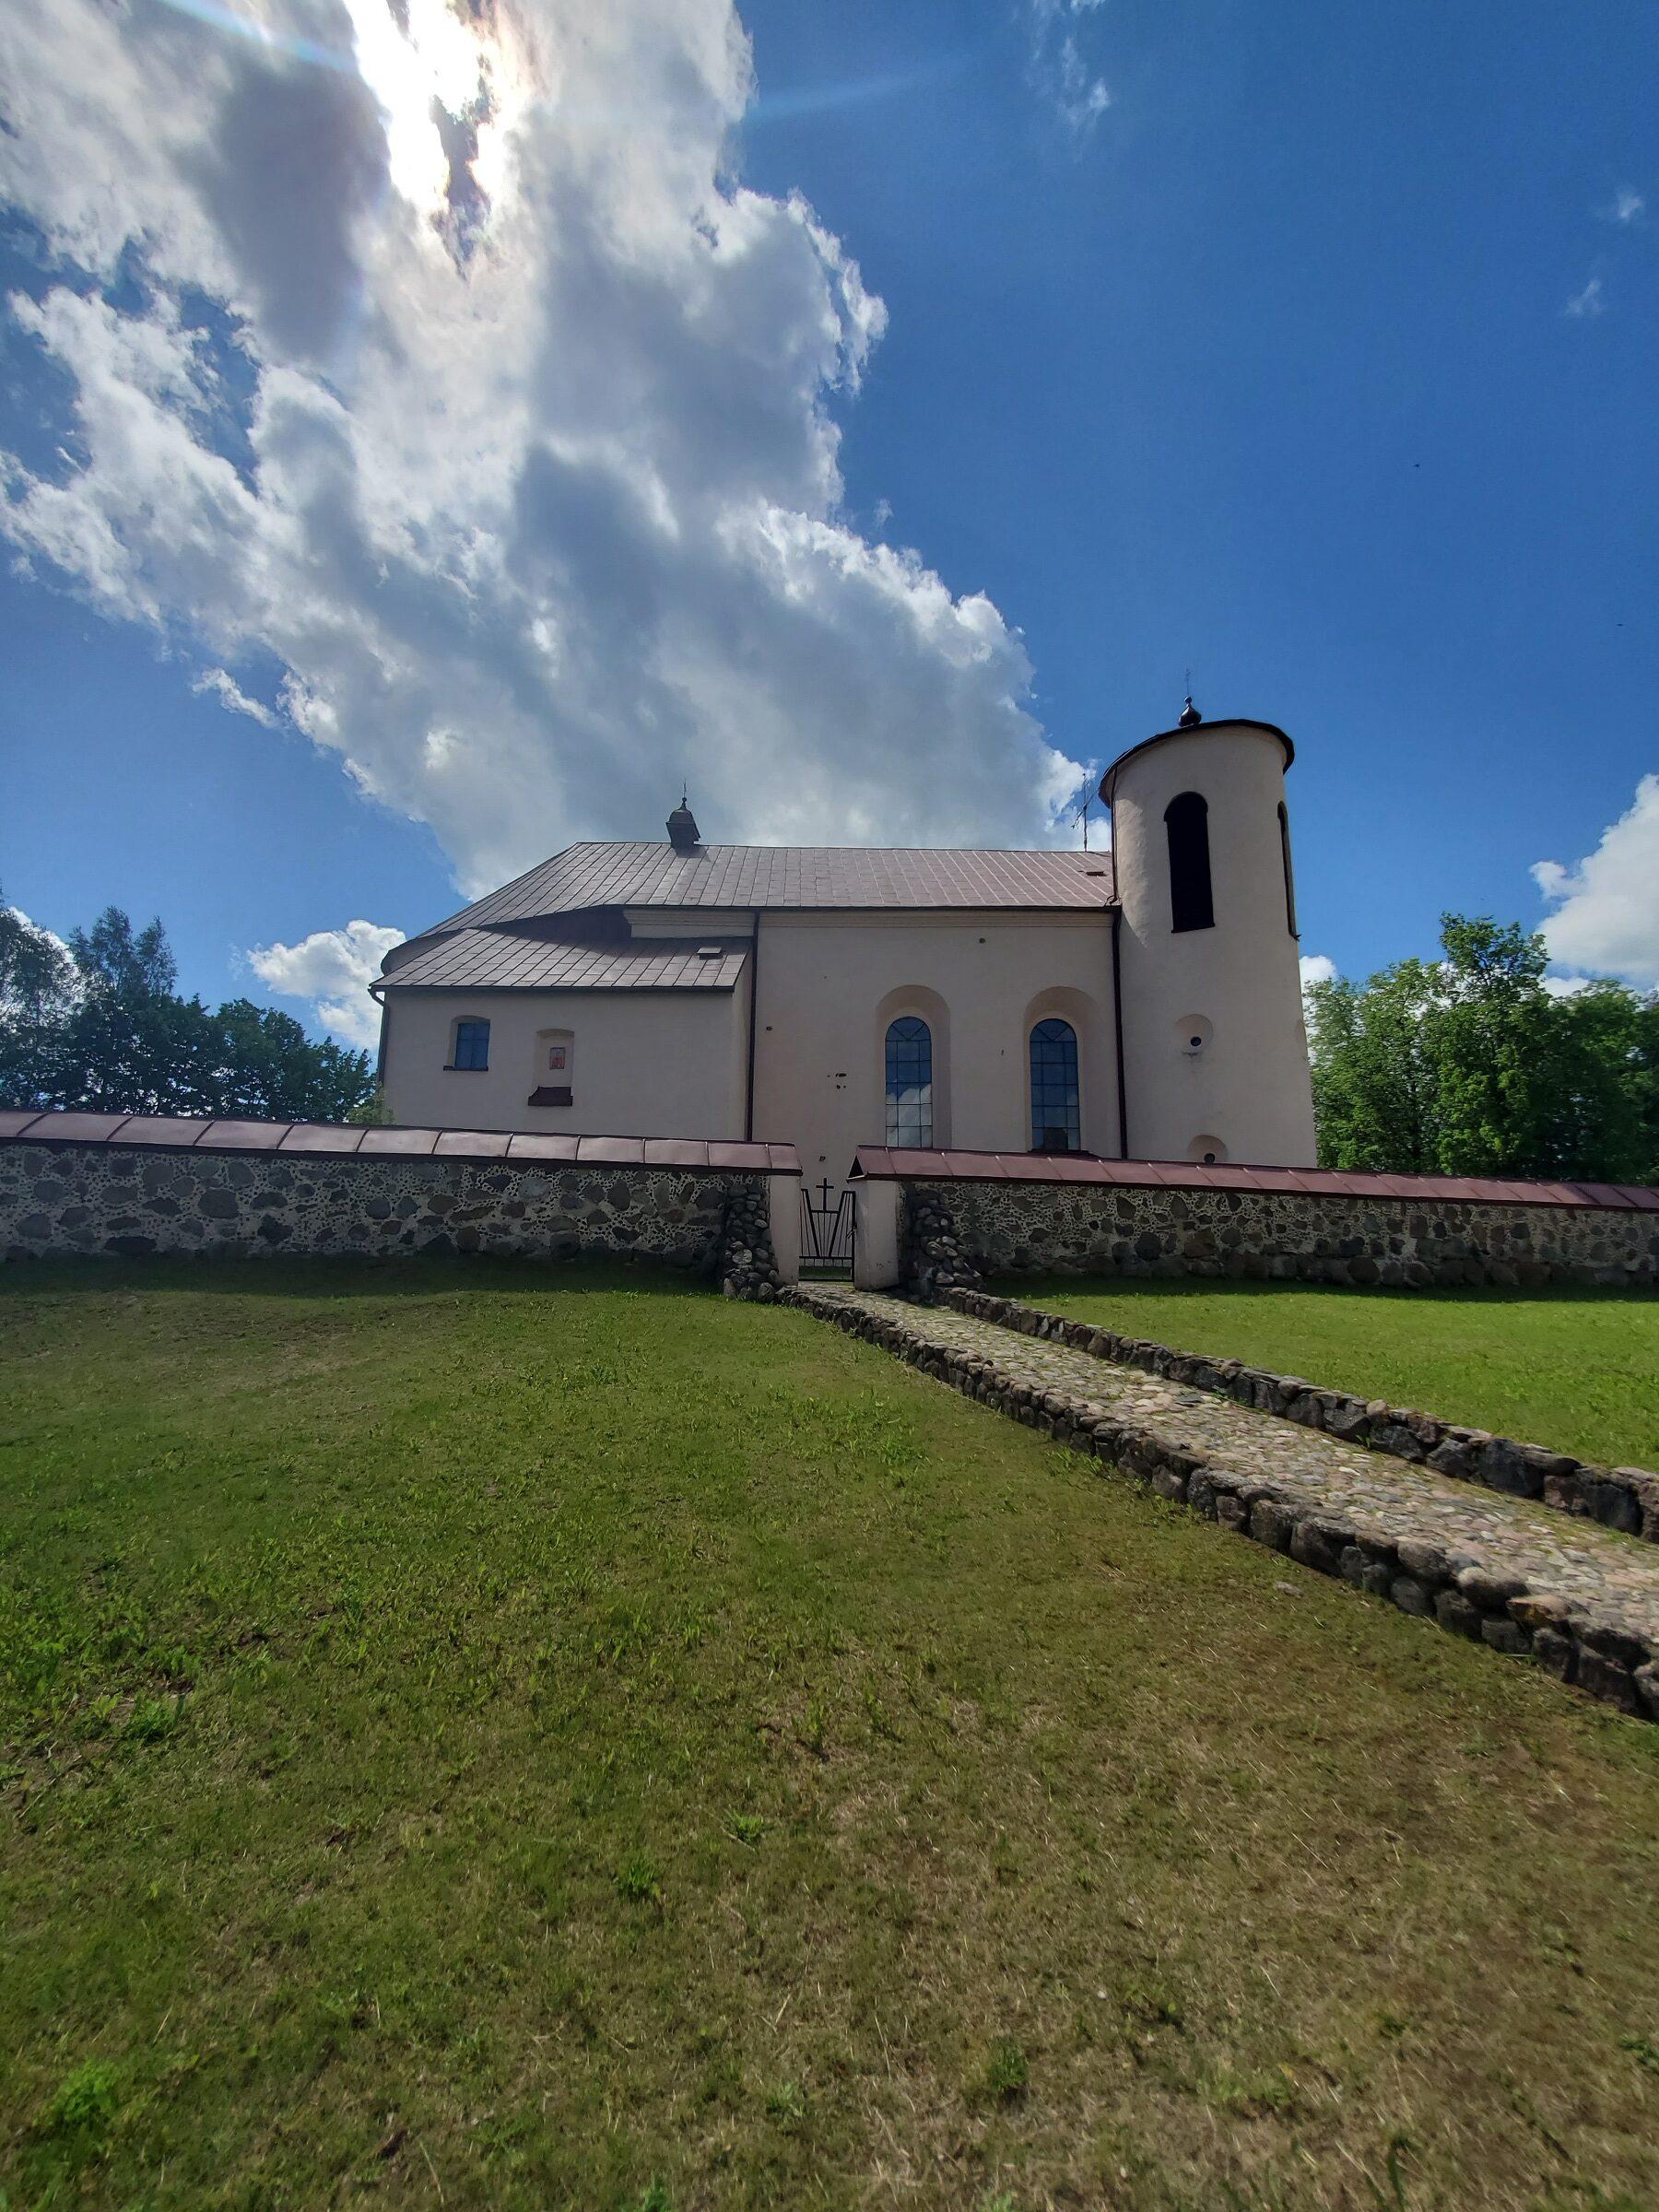 20200606 115753 rotated - Костел Св. Иоанна Крестителя в агрогородке Камаи